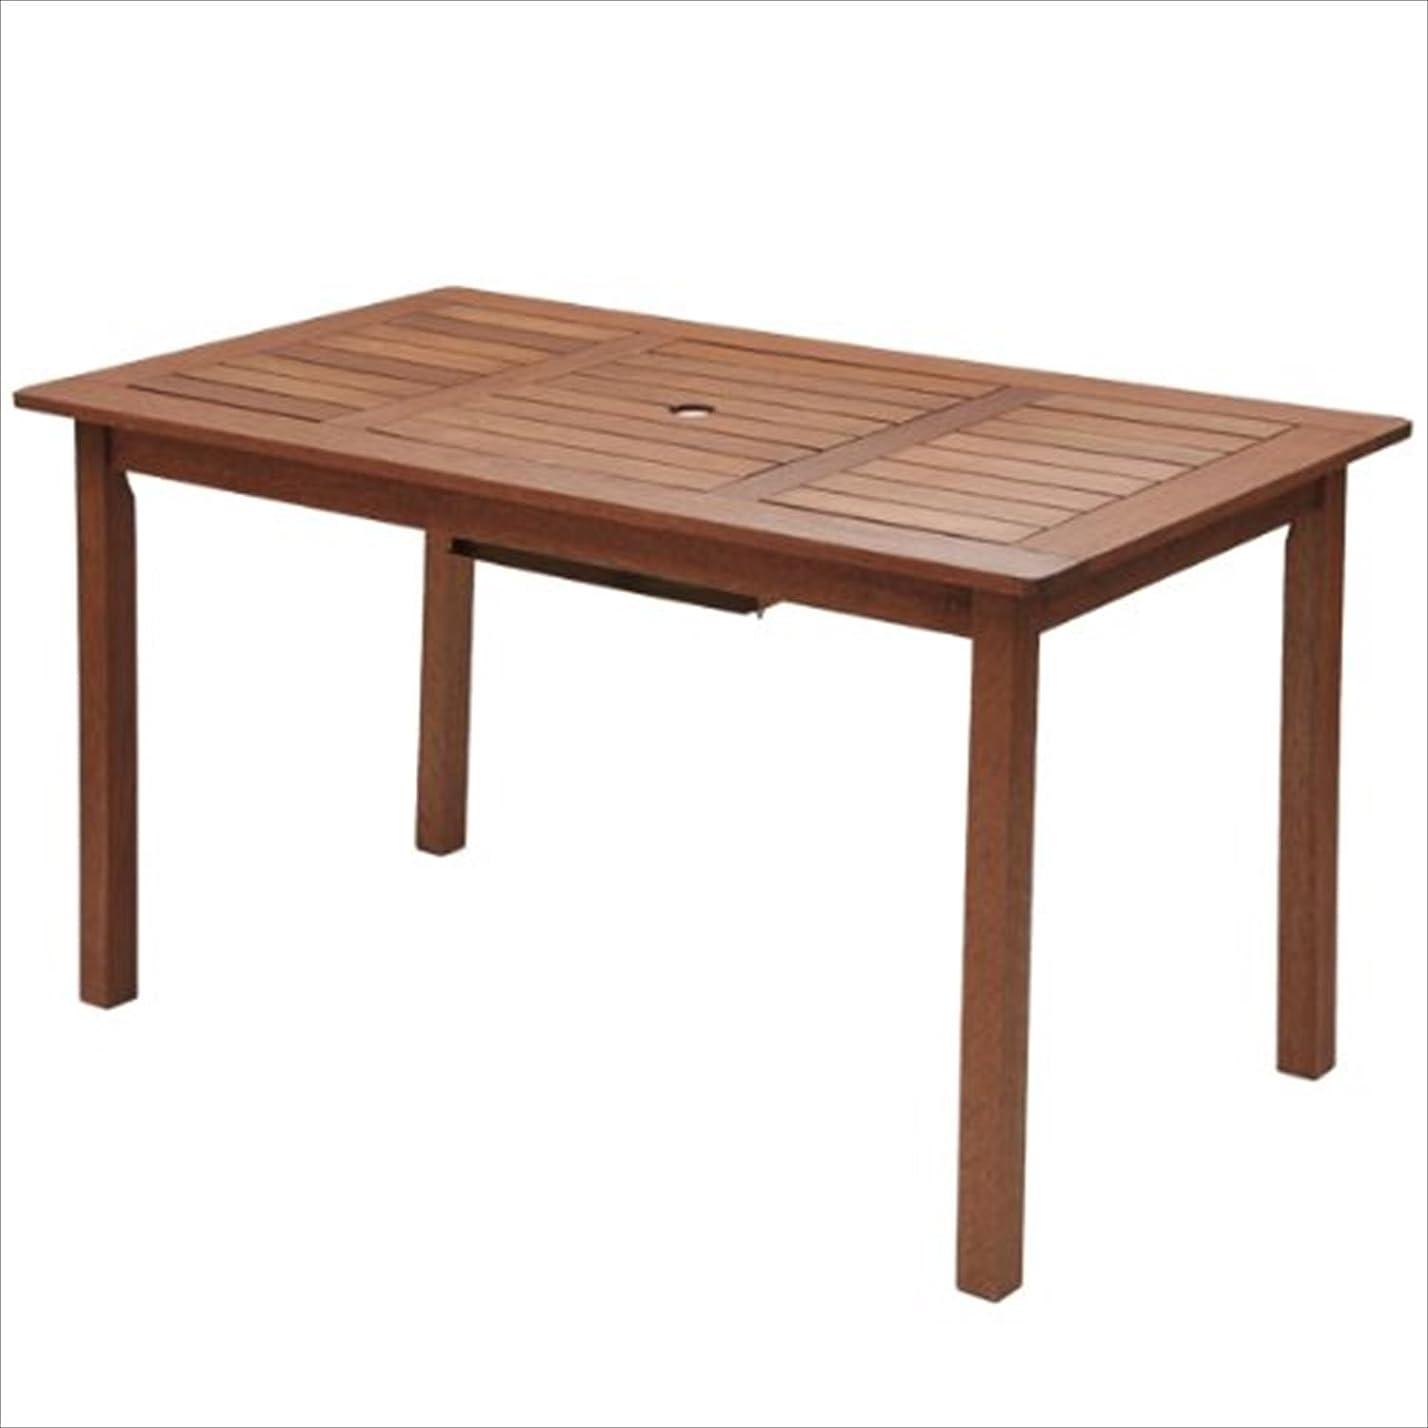 少年ミット安心させる【ガーデンテーブル チェア セット ラタン調 庭 テラス】ステラテーブル?チェア3点セット グレー(C187-3A-S2)